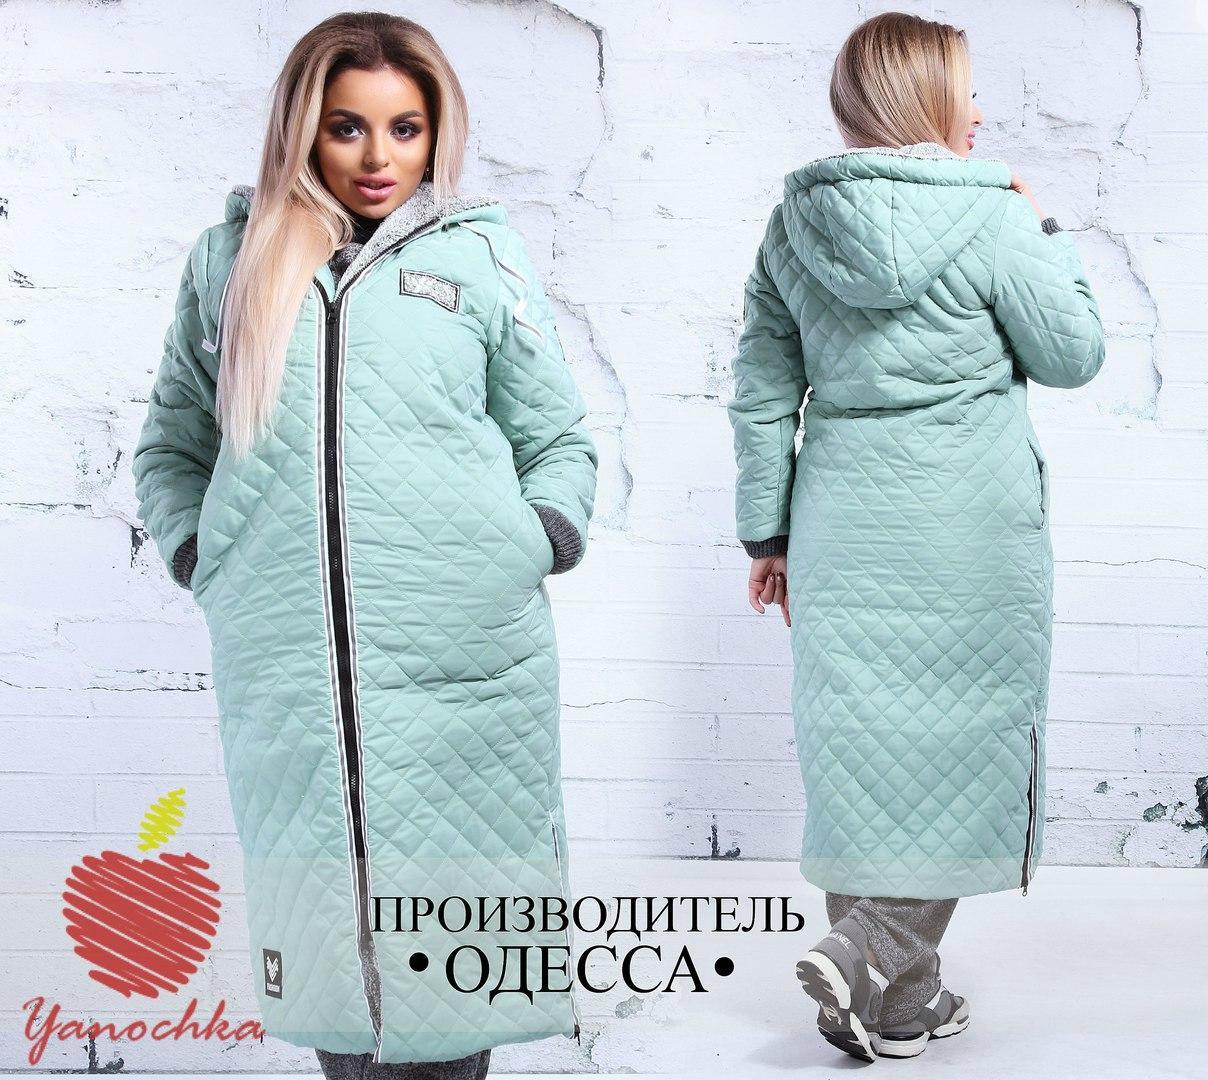 b40345e44a3 Женское стеганое пальто оверсайз с капюшоном - купить по лучшей цене ...